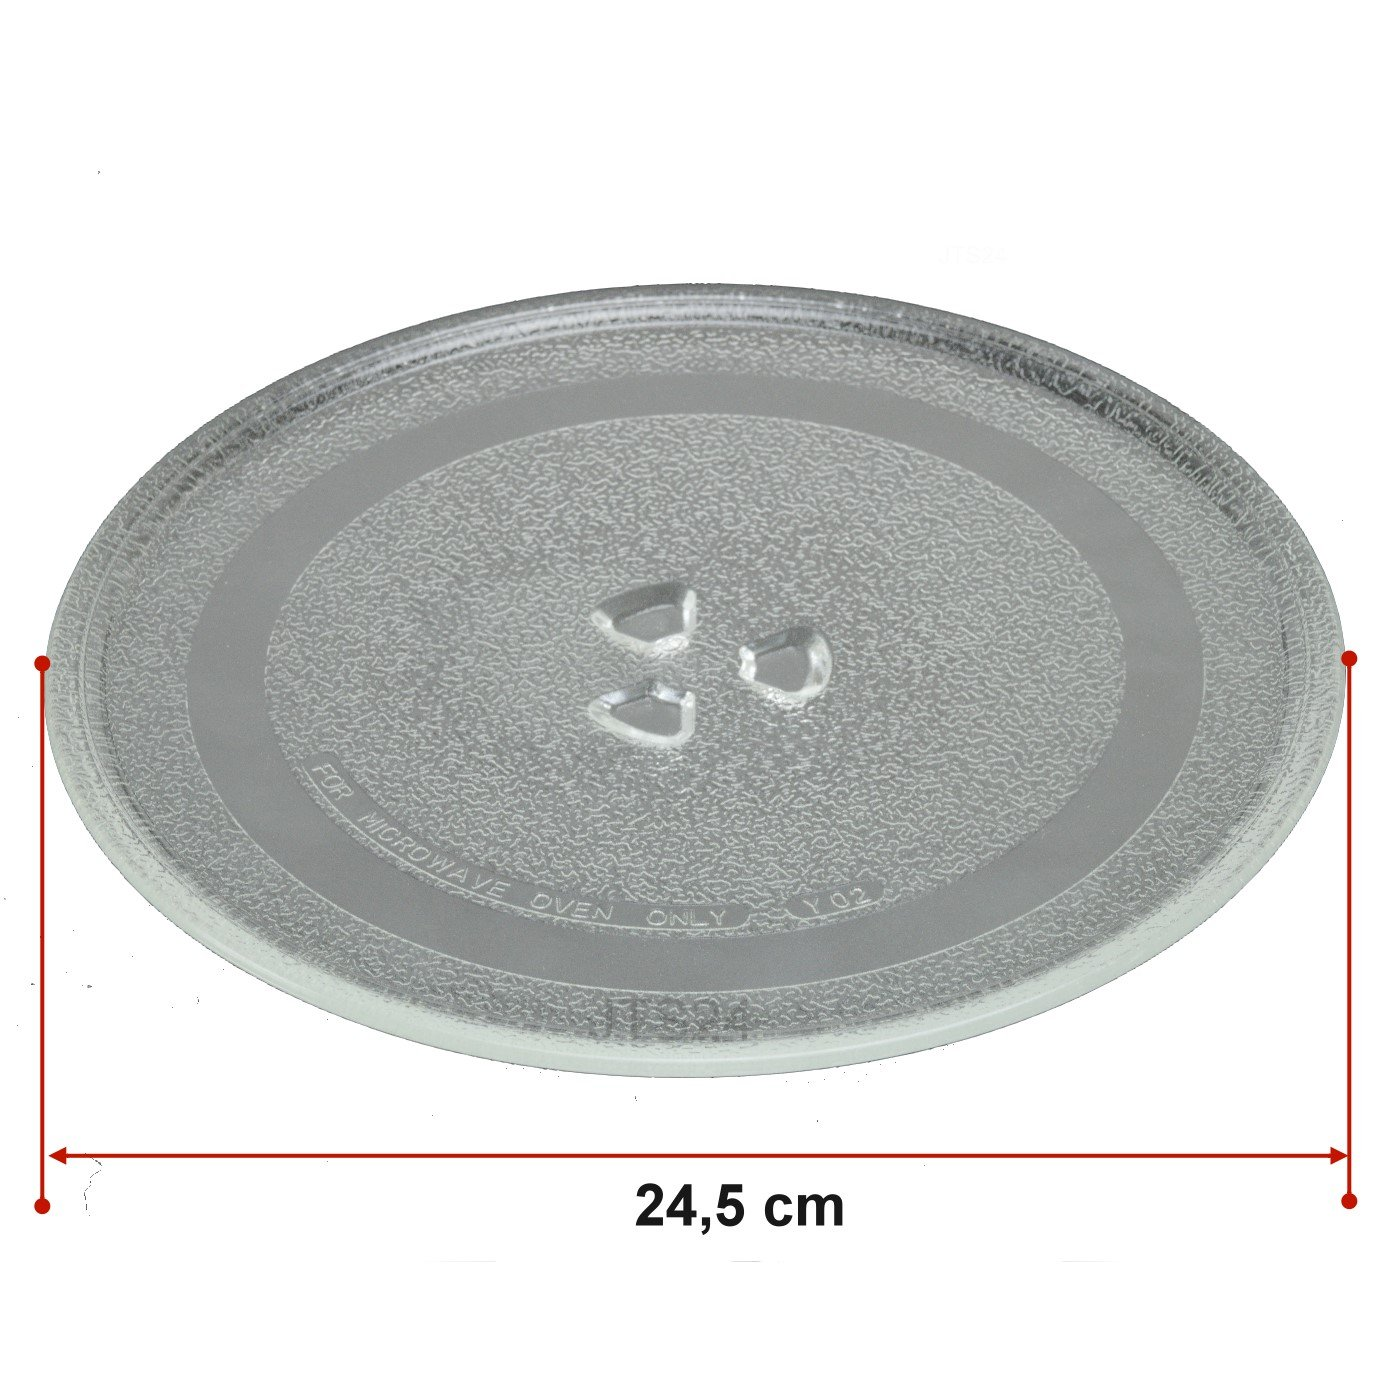 DeClean Microondas Plato 24,5 cm Plato de Cristal Platos Microondas Universal Plato Giratorio